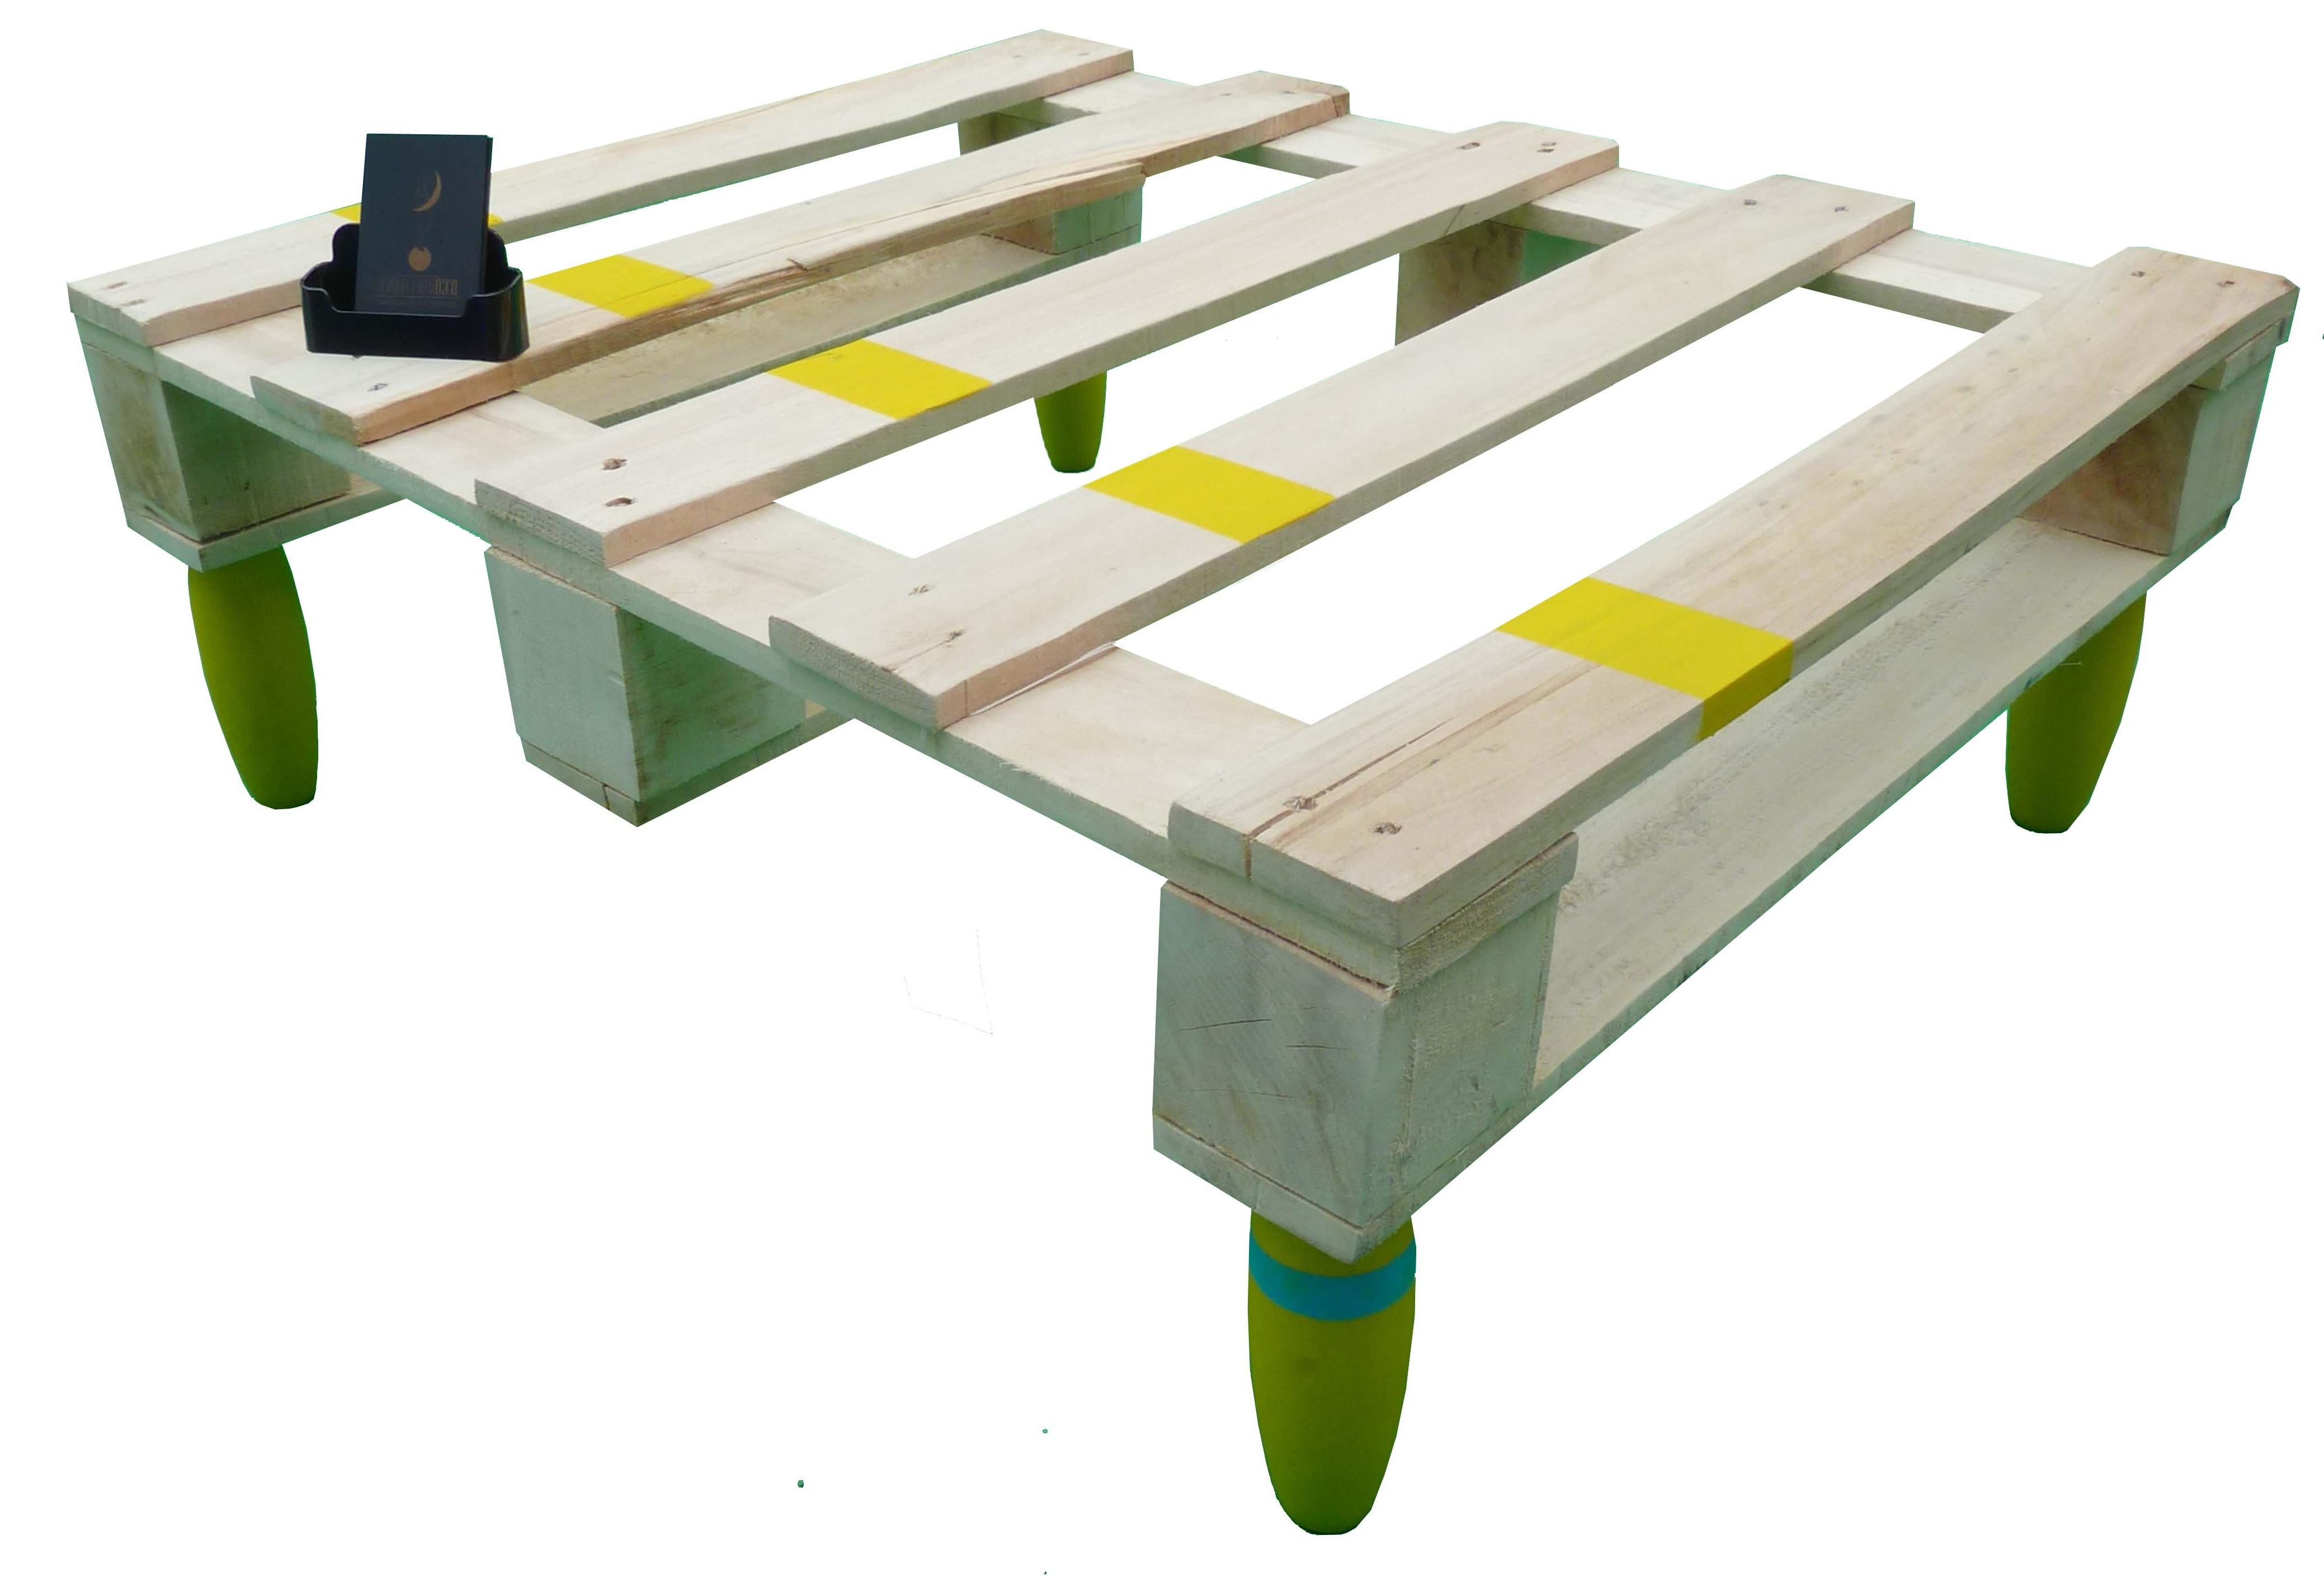 ca651a5adbe6a5 Acheter table basse palette bois - lille-menage.fr maison